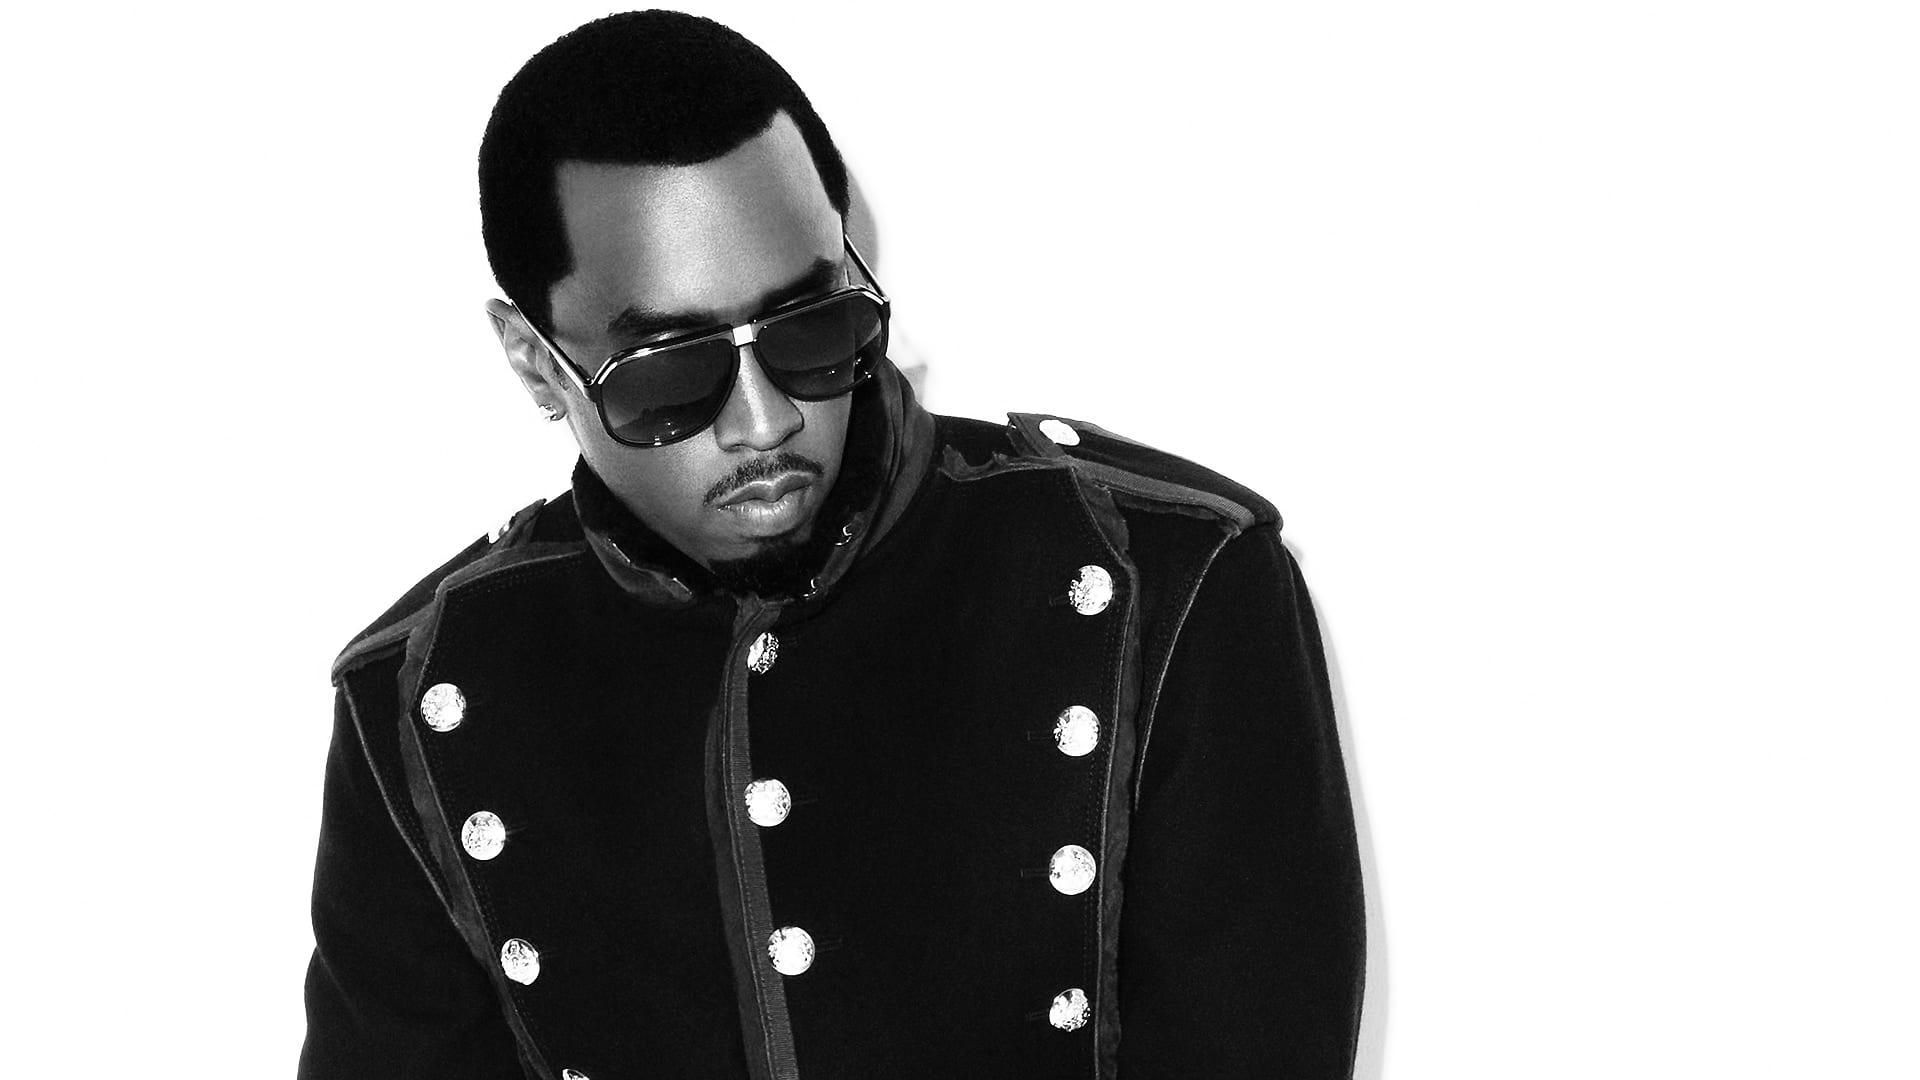 Les 9 conseils de P. Diddy pour réussir sa vie